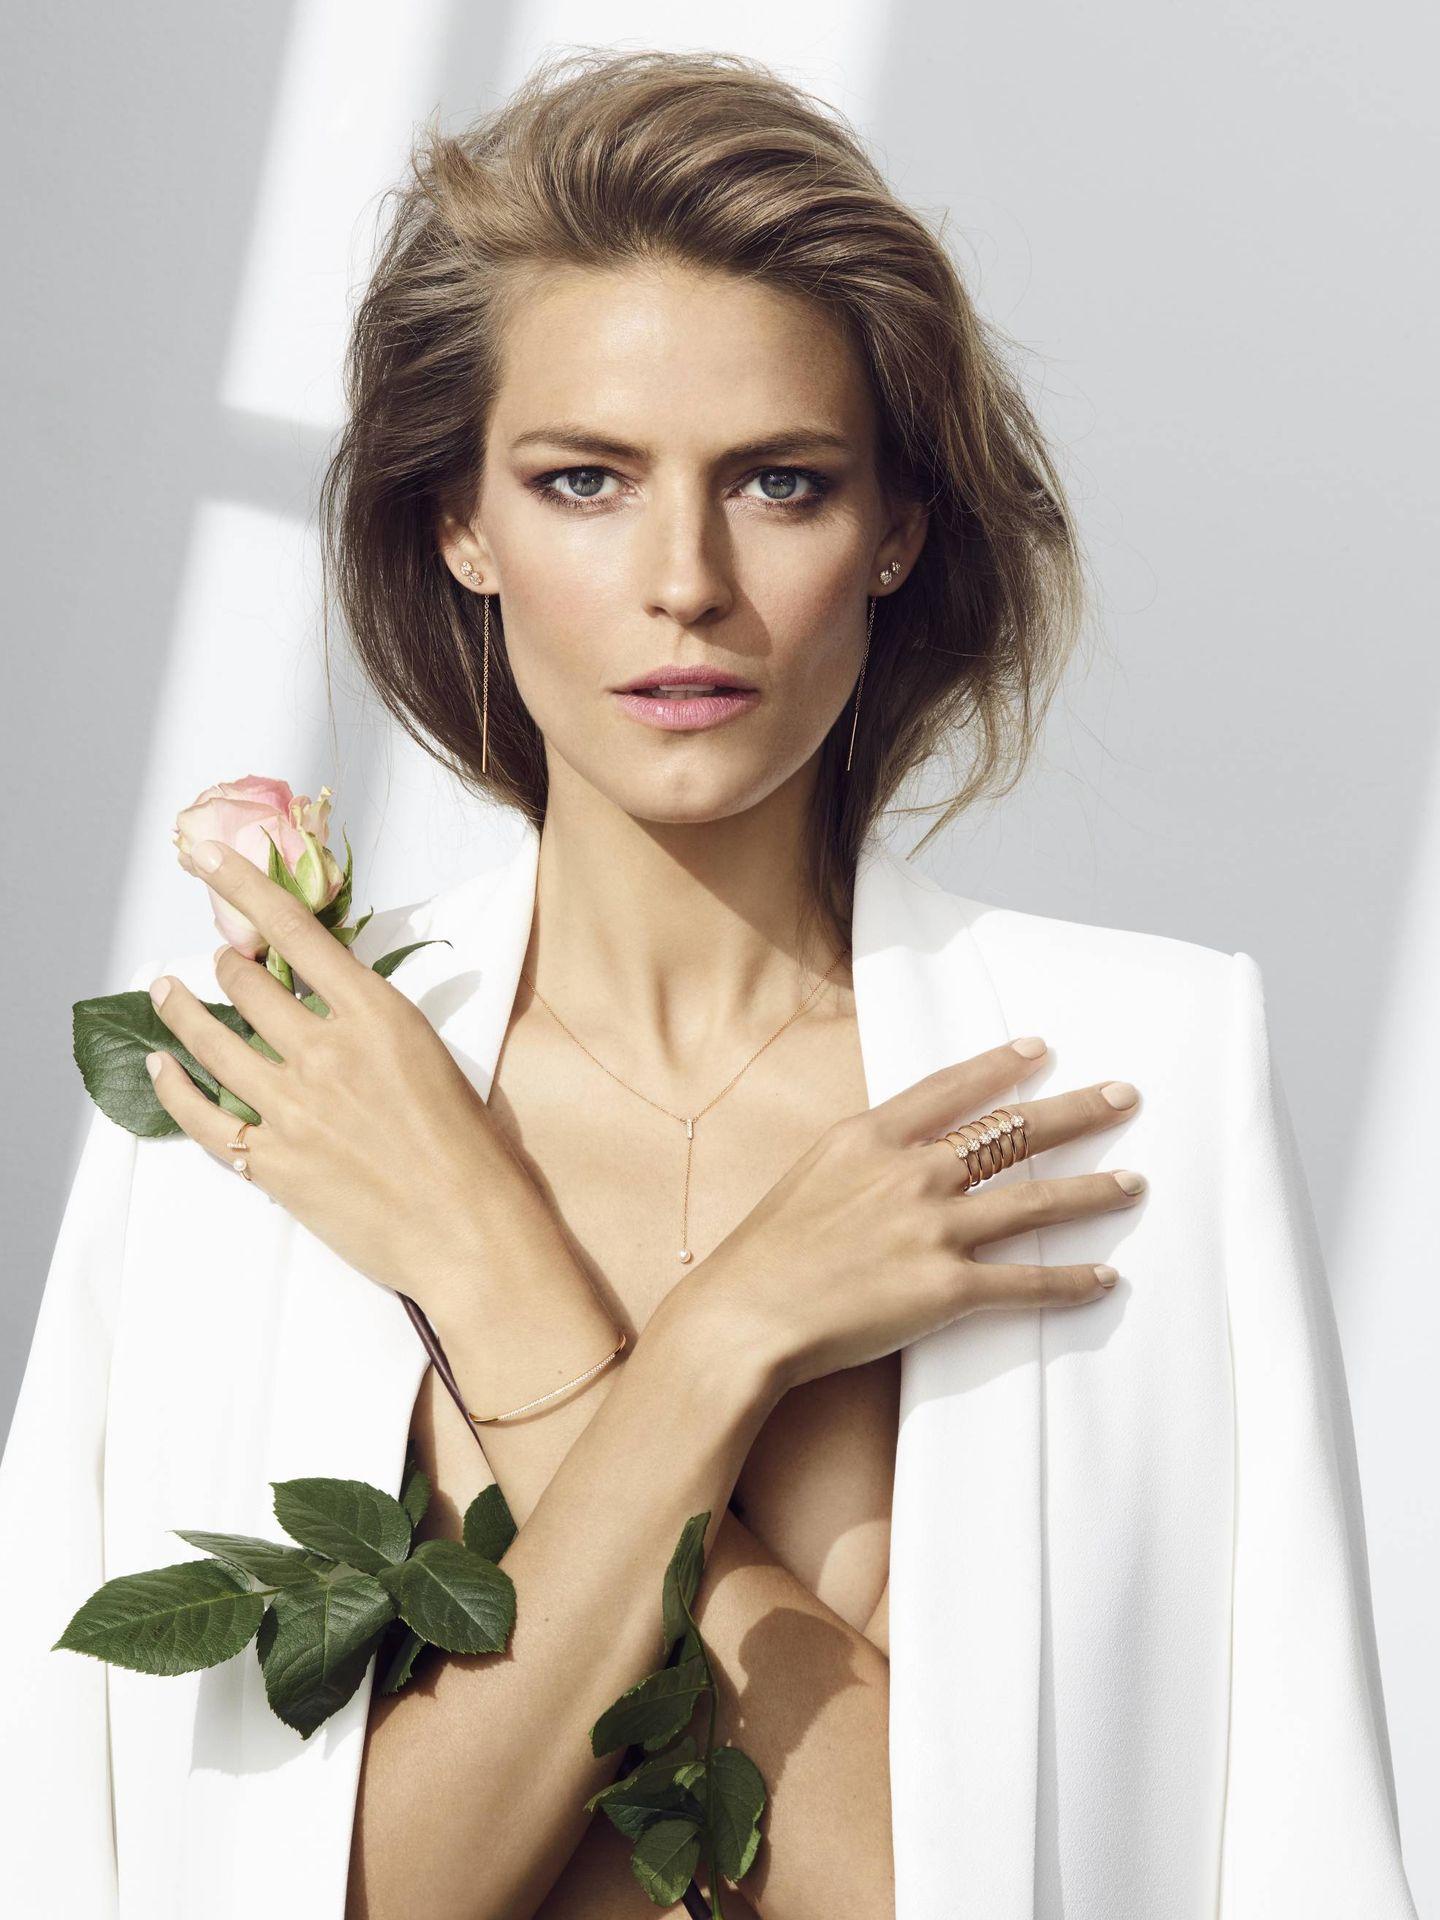 El minimalismo de los diseños de Gold & Roses. (Cortesía)